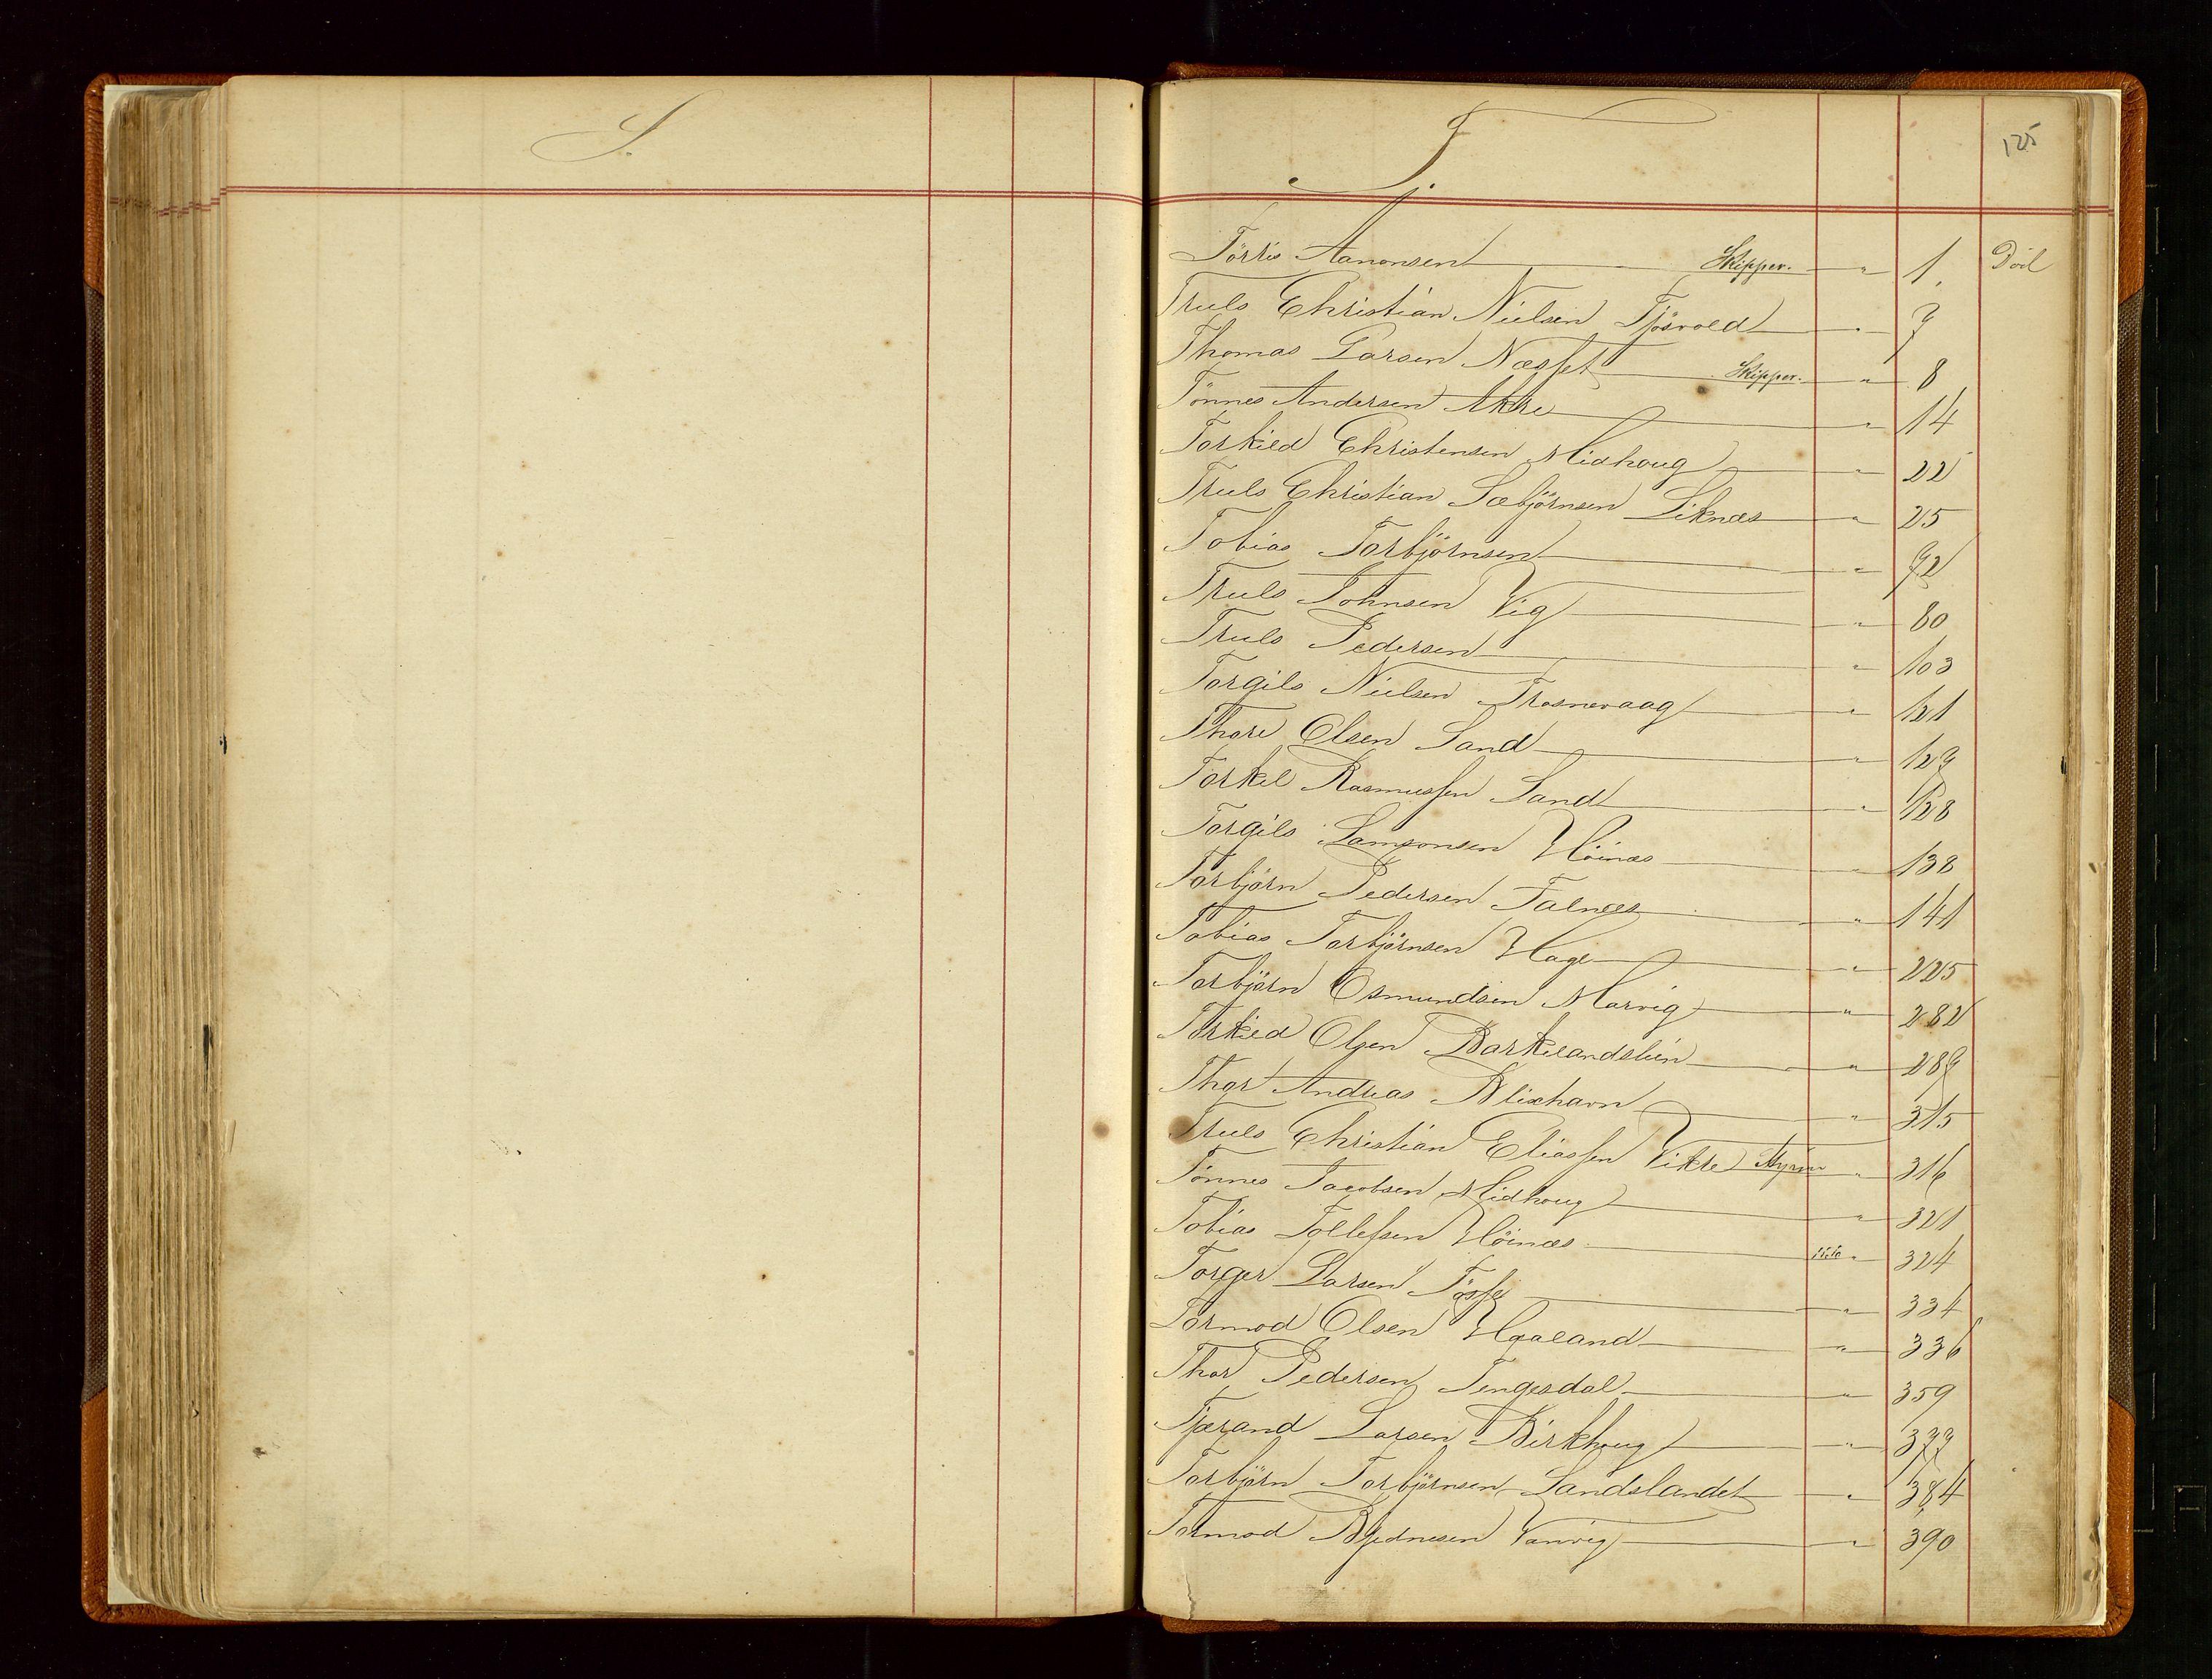 SAST, Haugesund sjømannskontor, F/Fb/Fba/L0003: Navneregister med henvisning til rullenummer (fornavn) Haugesund krets, 1860-1948, p. 125